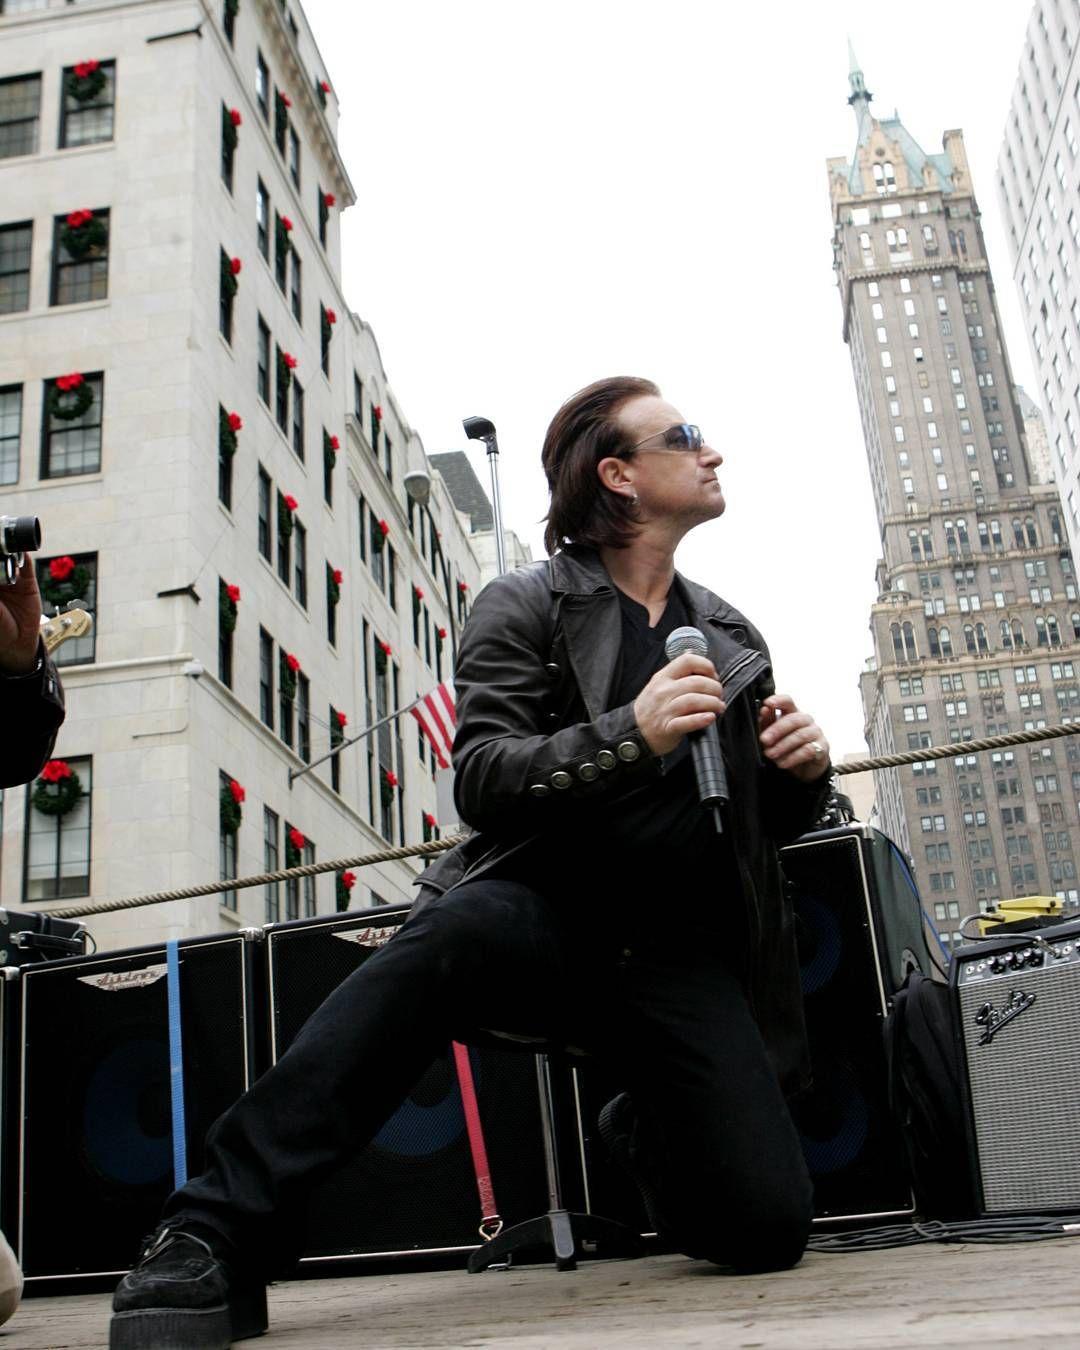 Nuestra Recomendación Del Día Raised By Wolves De U2 Gqmusic I Foto Getty Images Fotos Musica Instagram